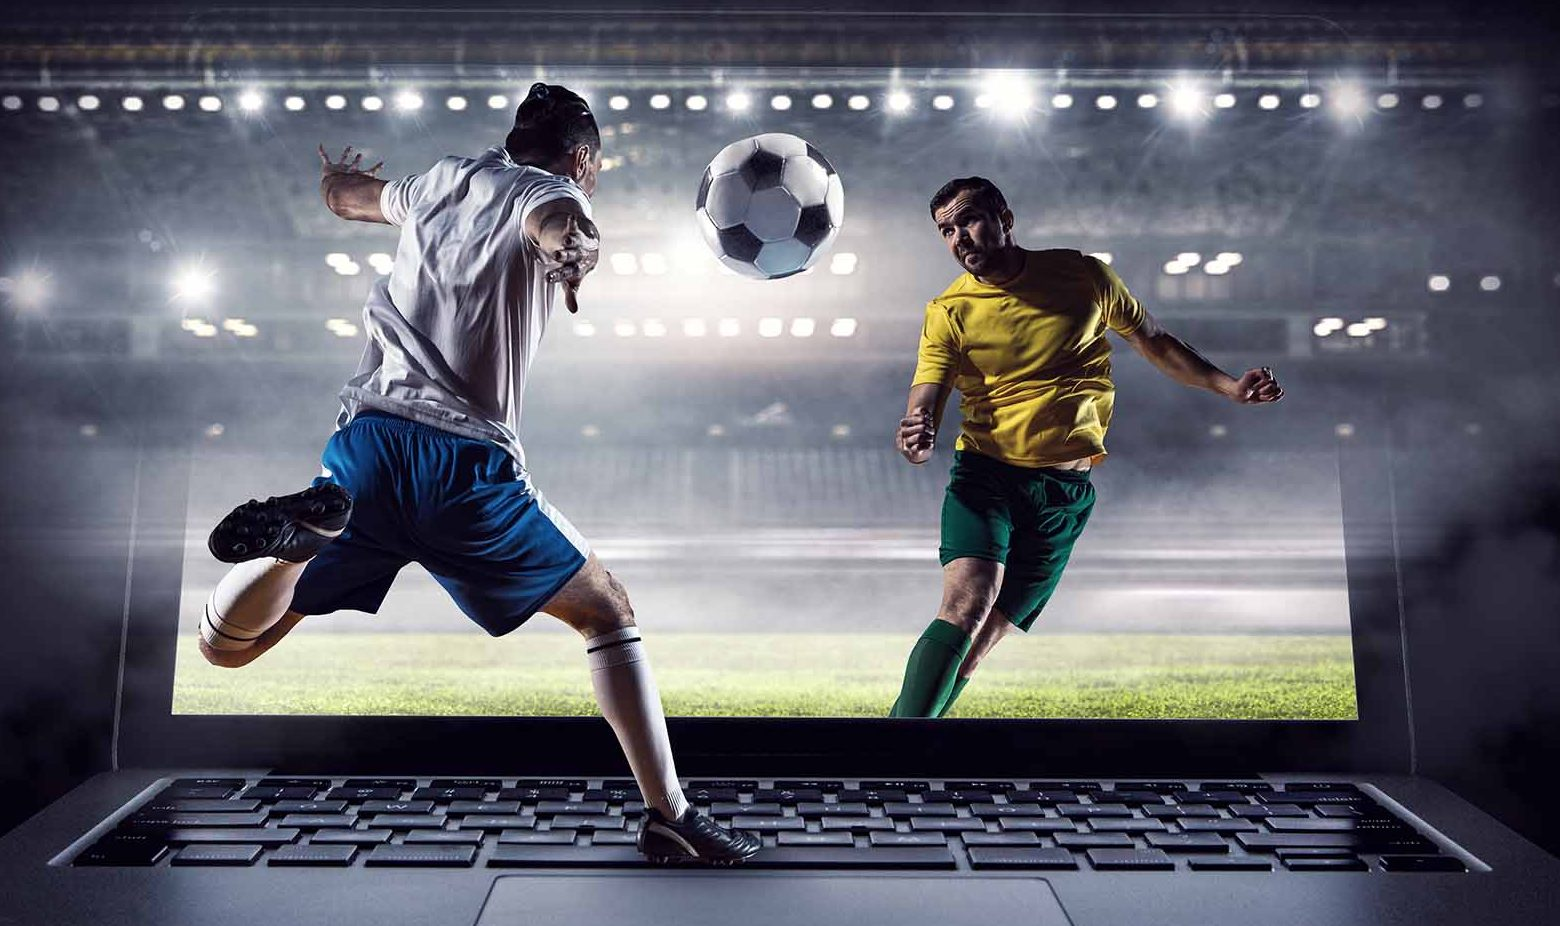 Лучшие коэффициенты на спорт и компьютерные игры